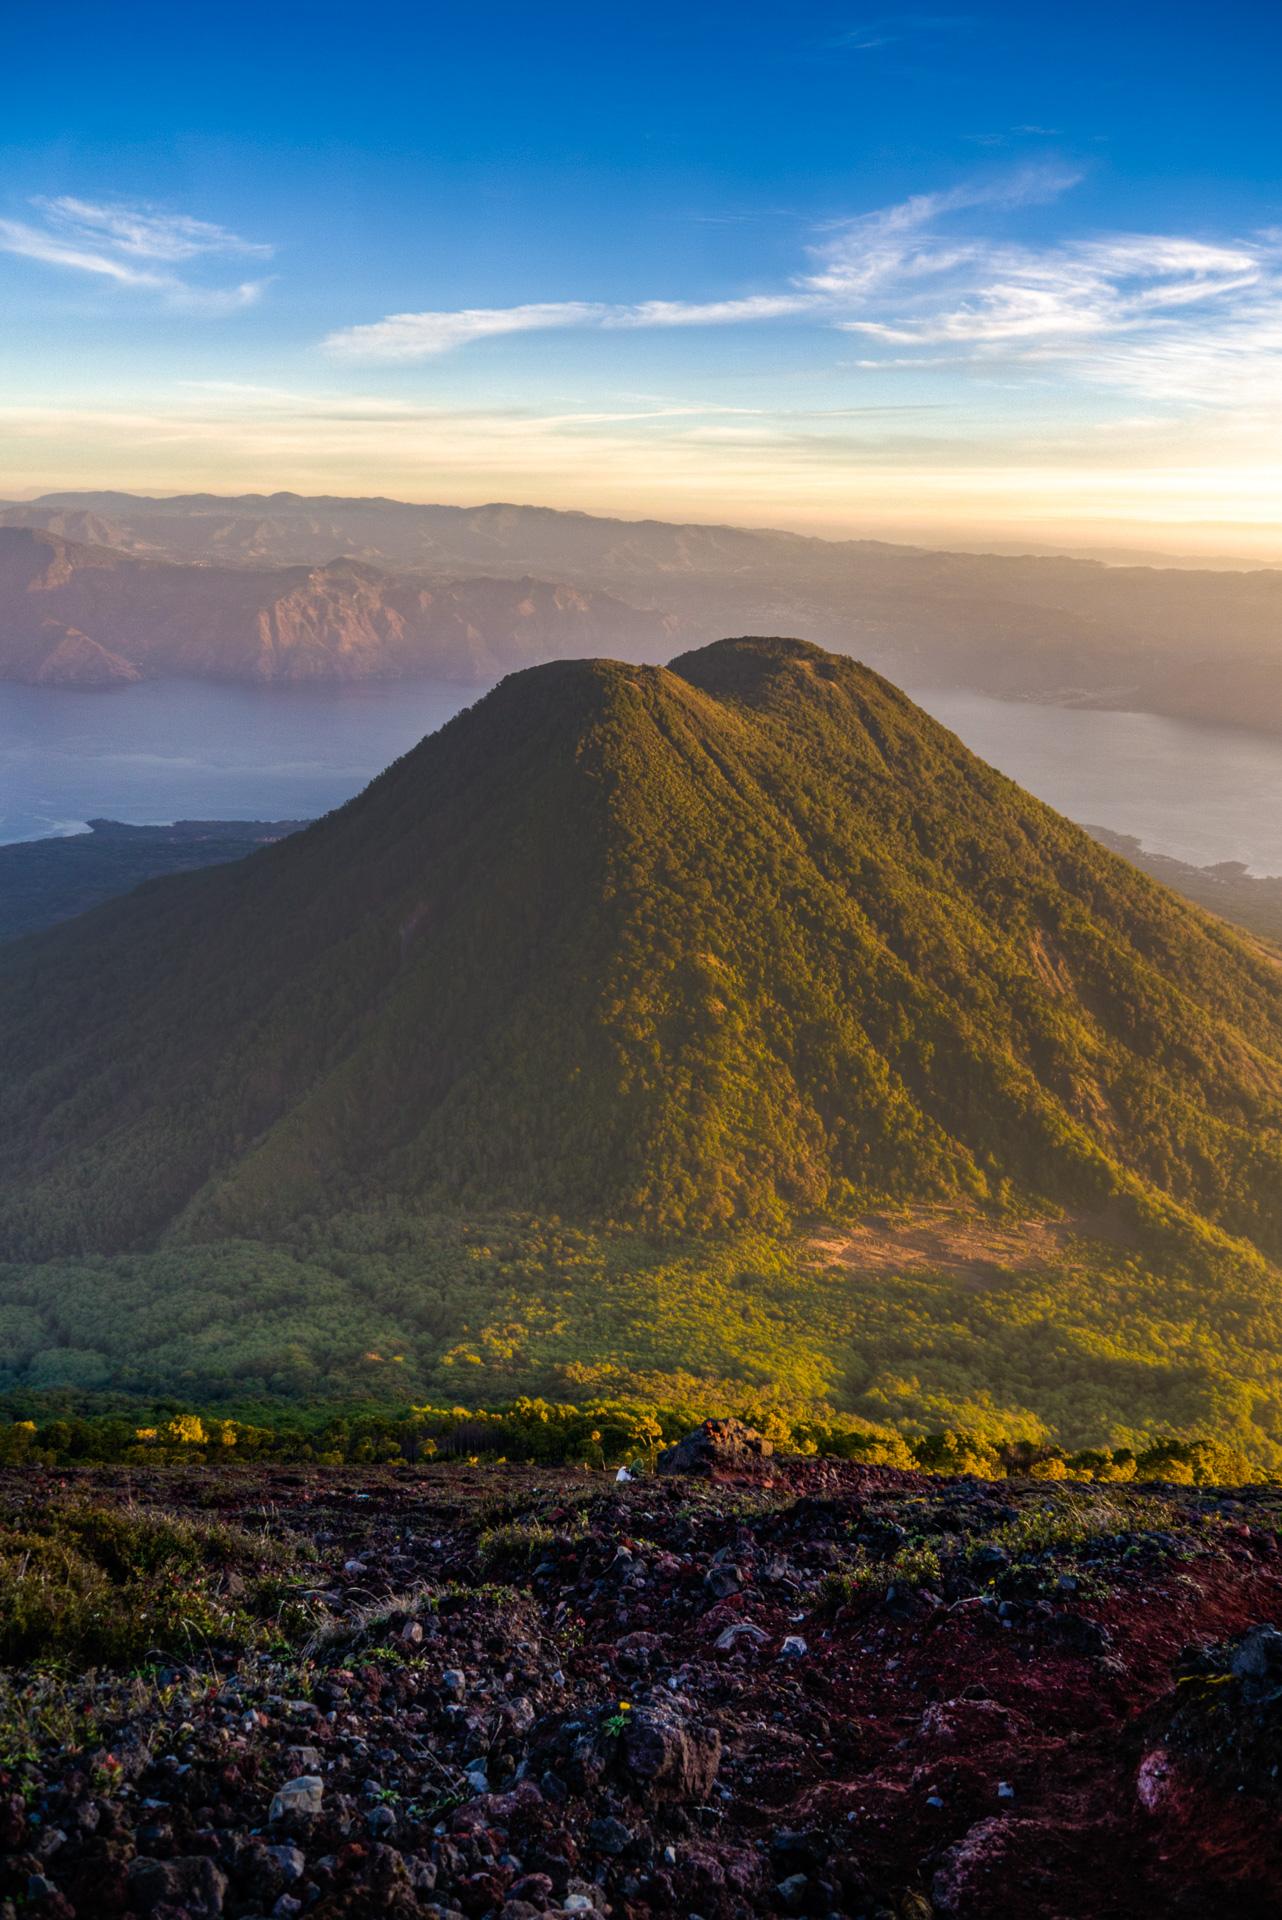 Sunrise over Volcán Tollimán